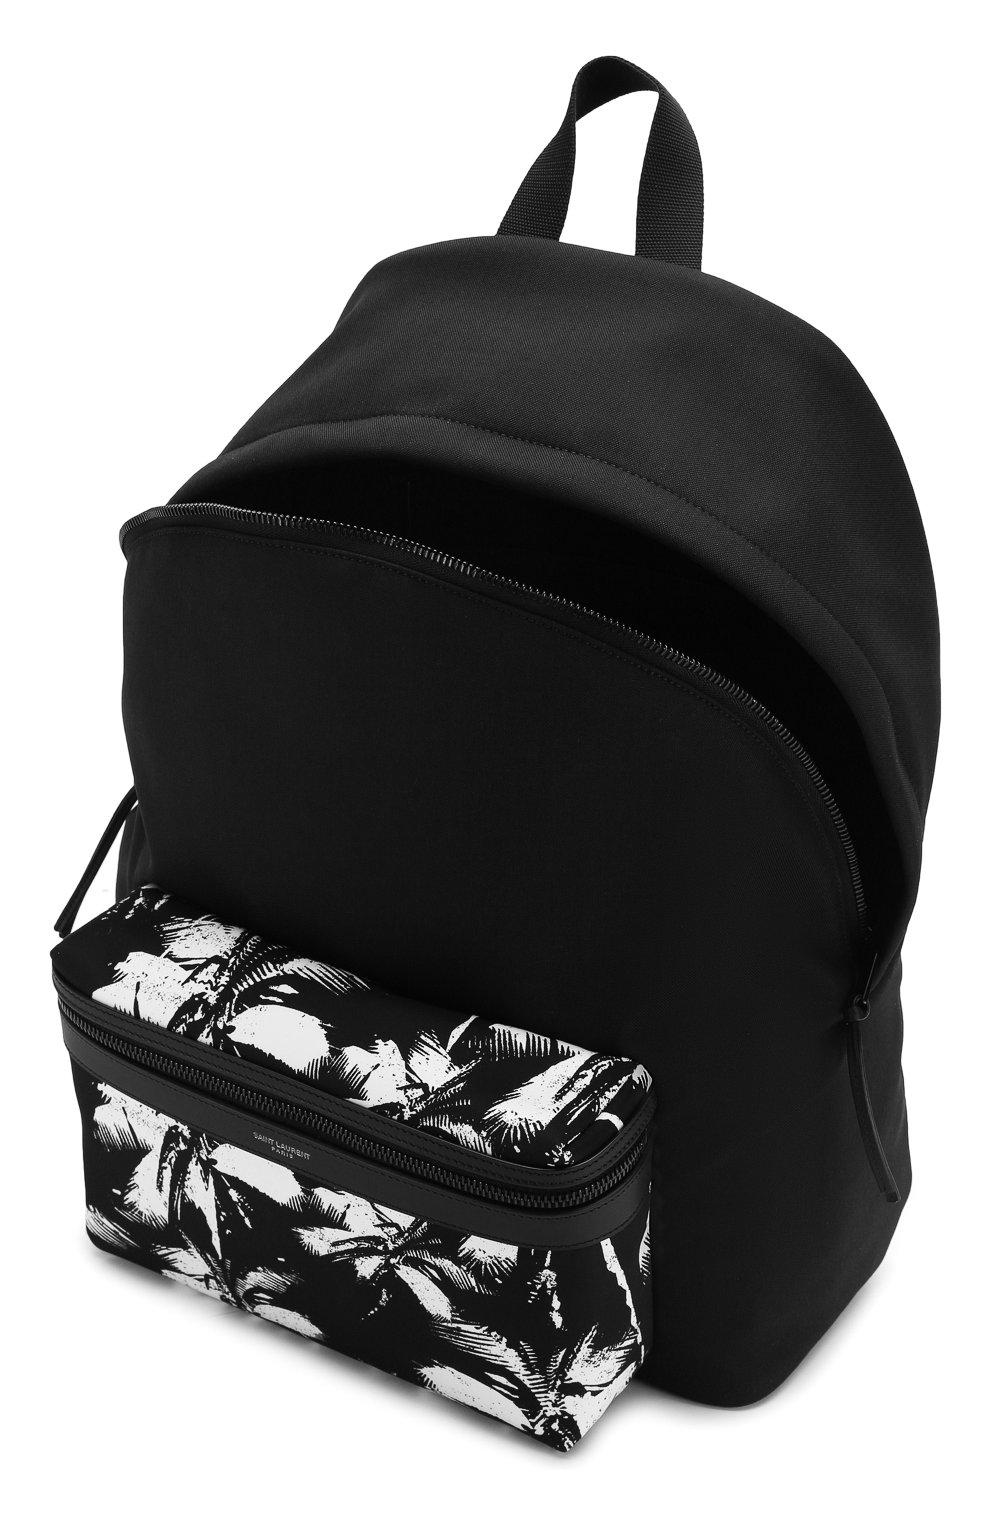 Мужской текстильный рюкзак city SAINT LAURENT черно-белого цвета, арт. 534967/9W0DU   Фото 4